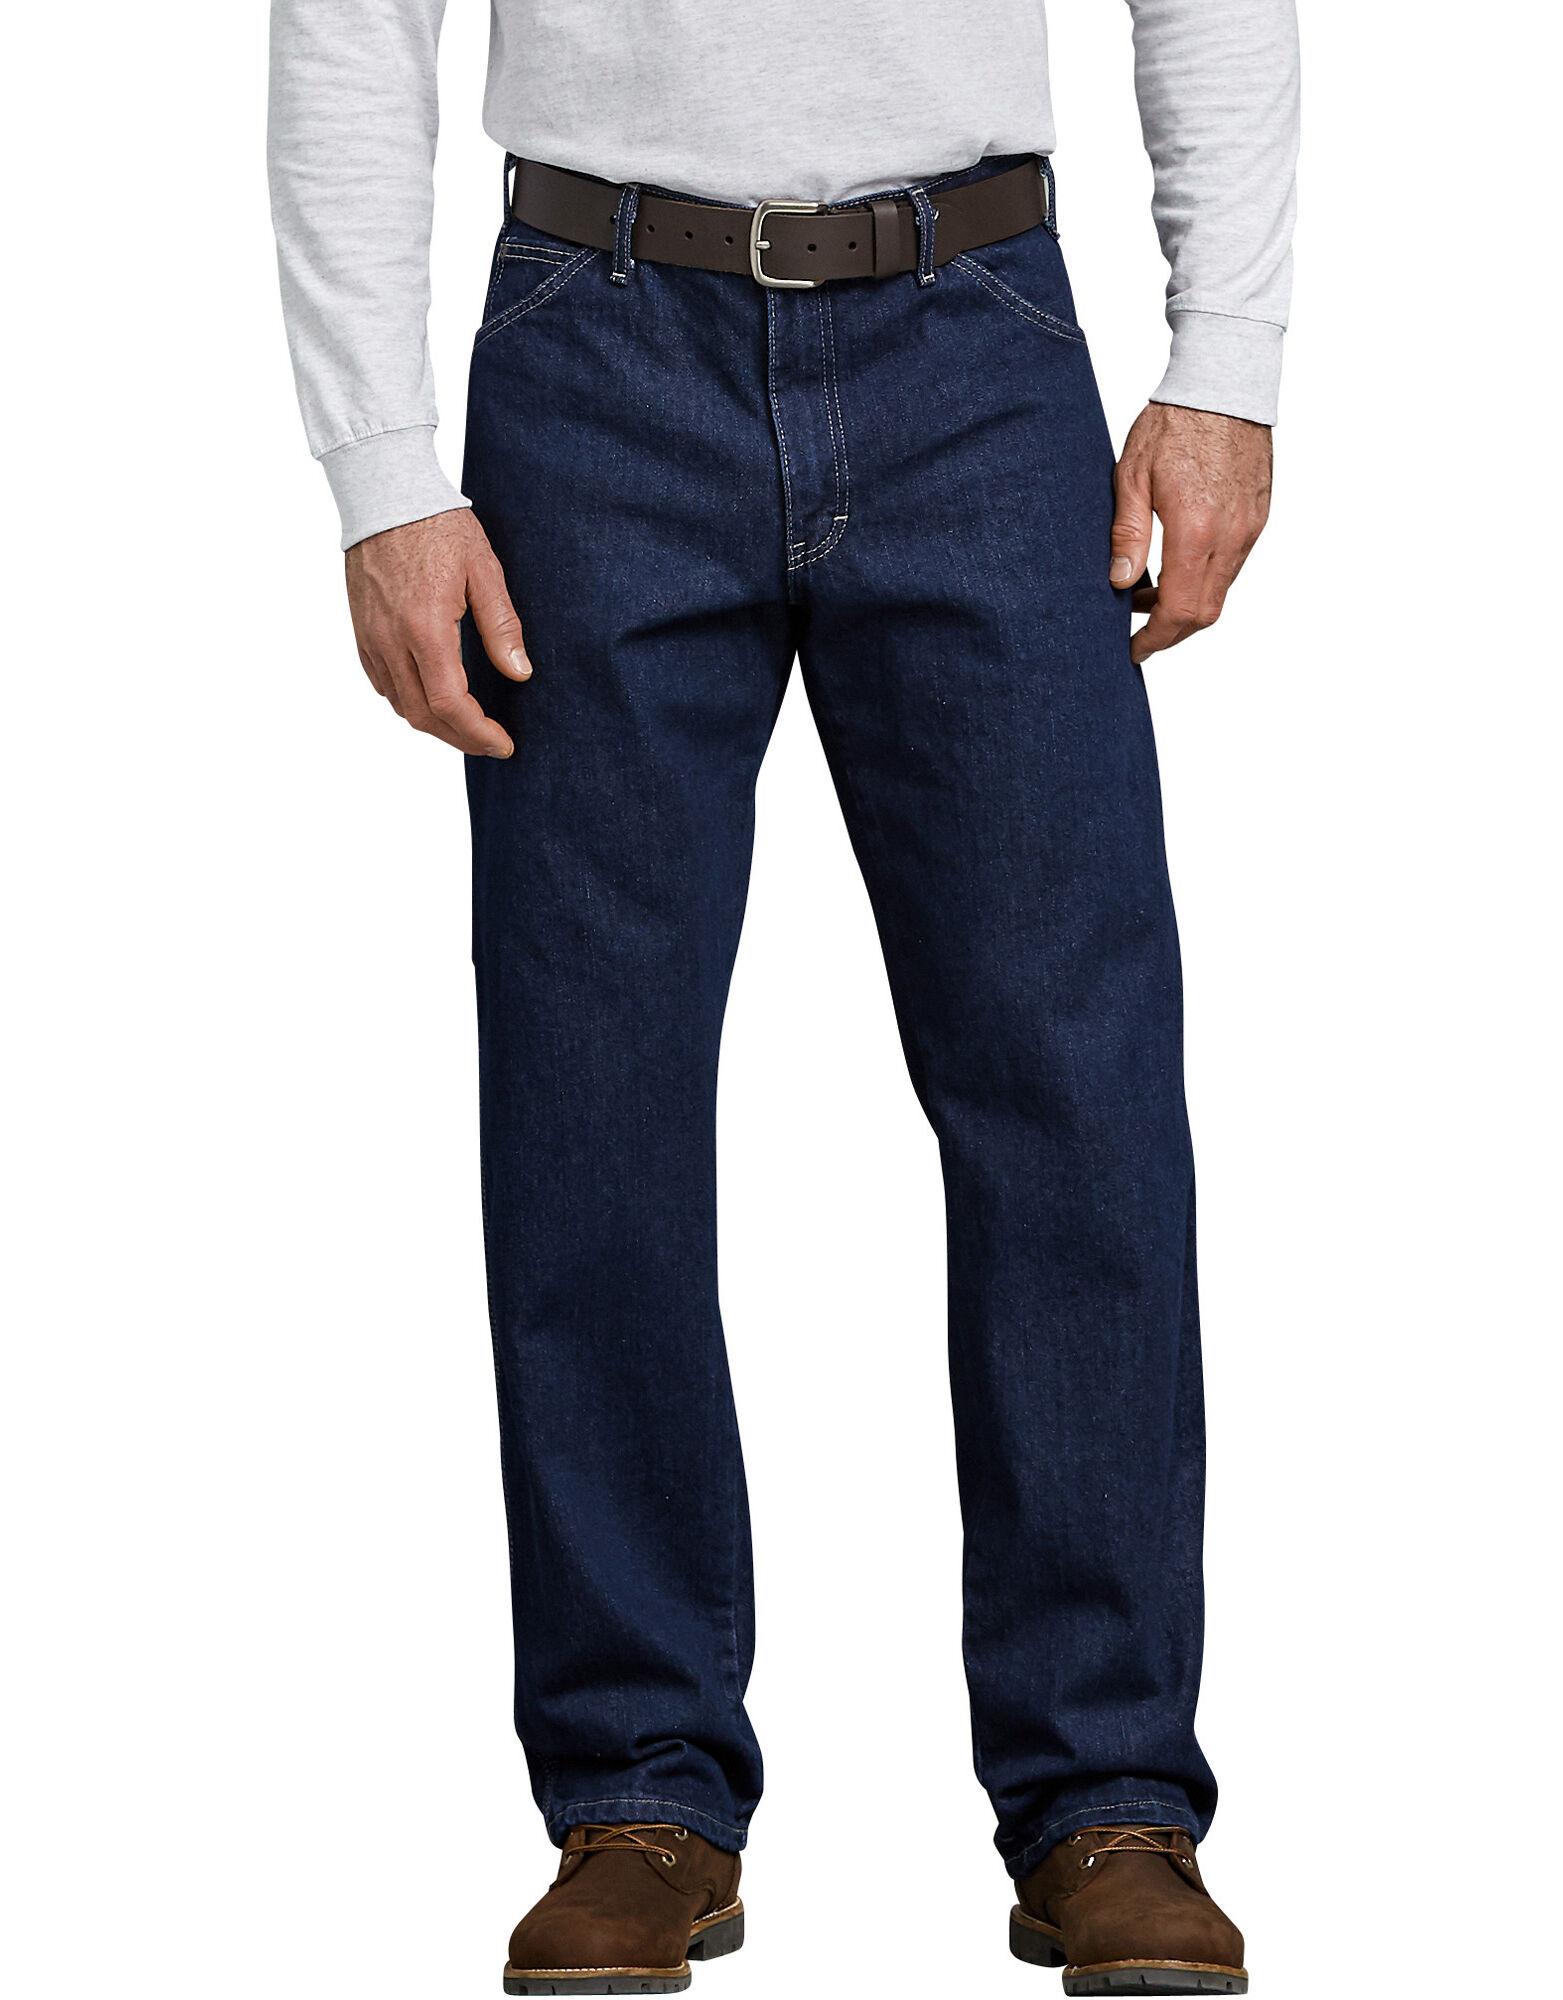 Men's Carpenter Jeans | Dickies